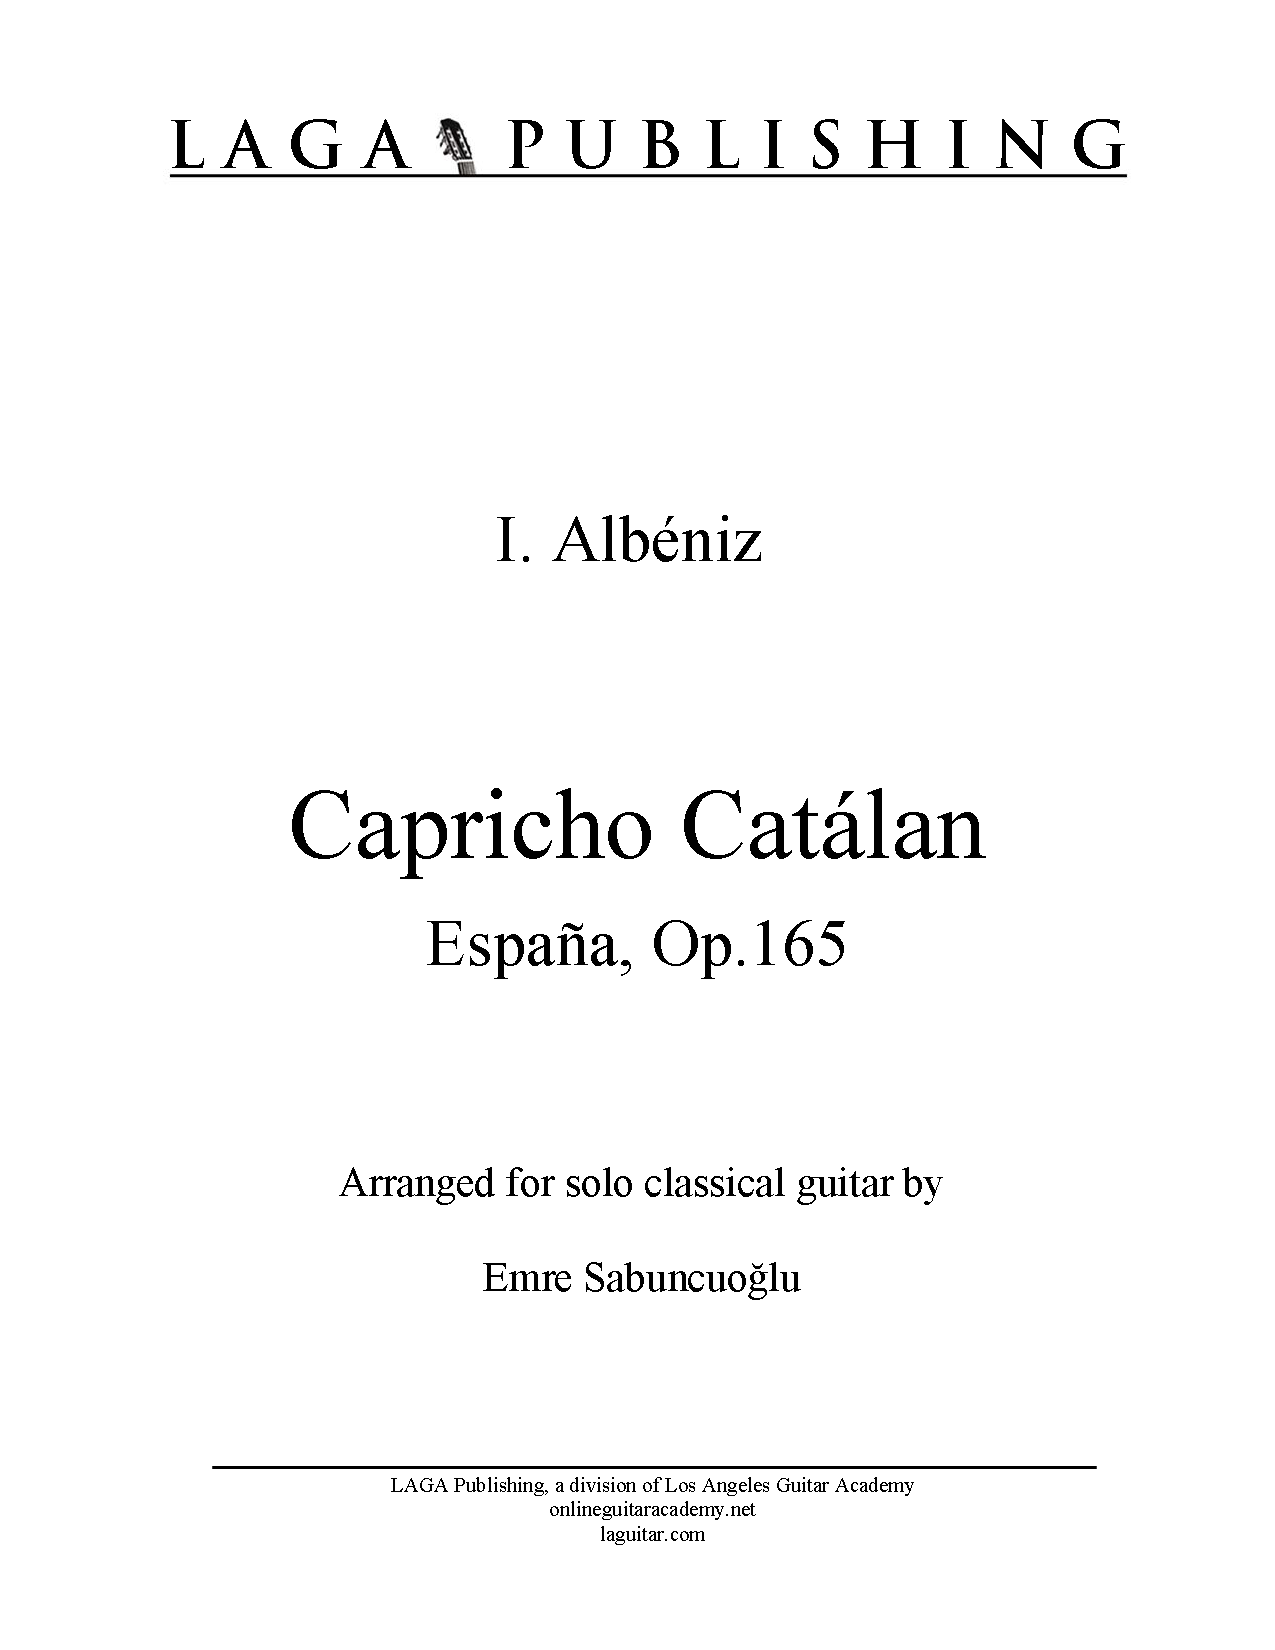 LAGA-Publishing-Albeniz-Capricho-Catalan 1